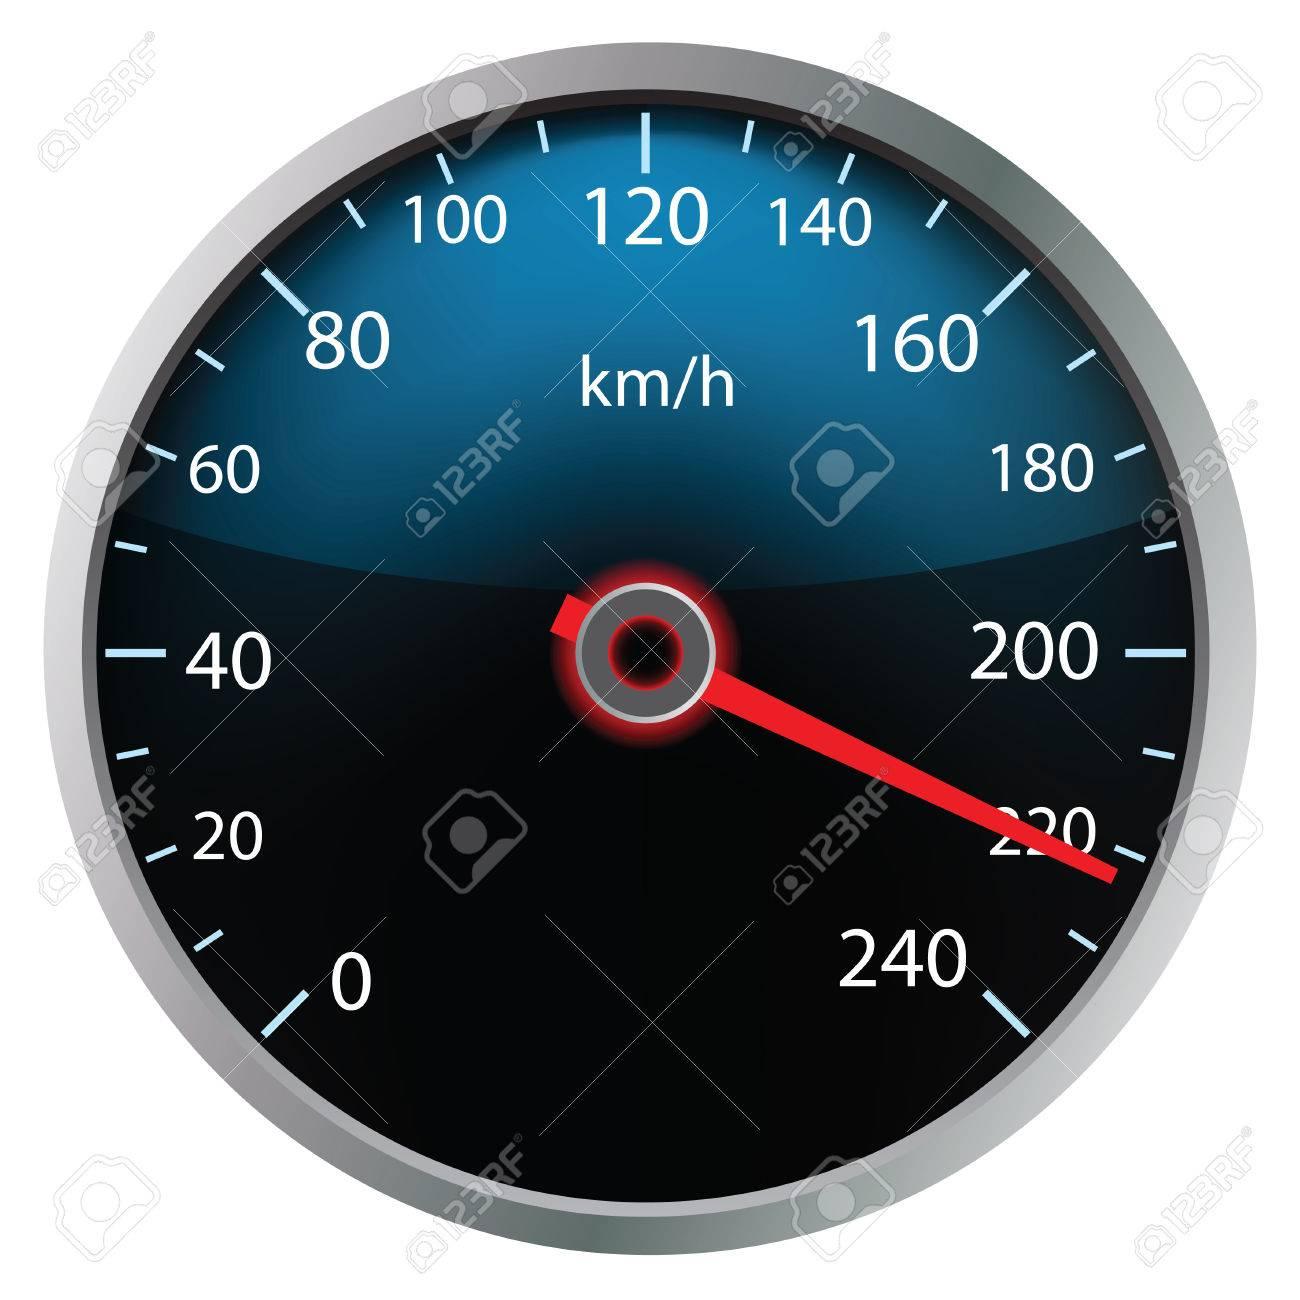 Speedometer on white background (vector illustration) - 25236274